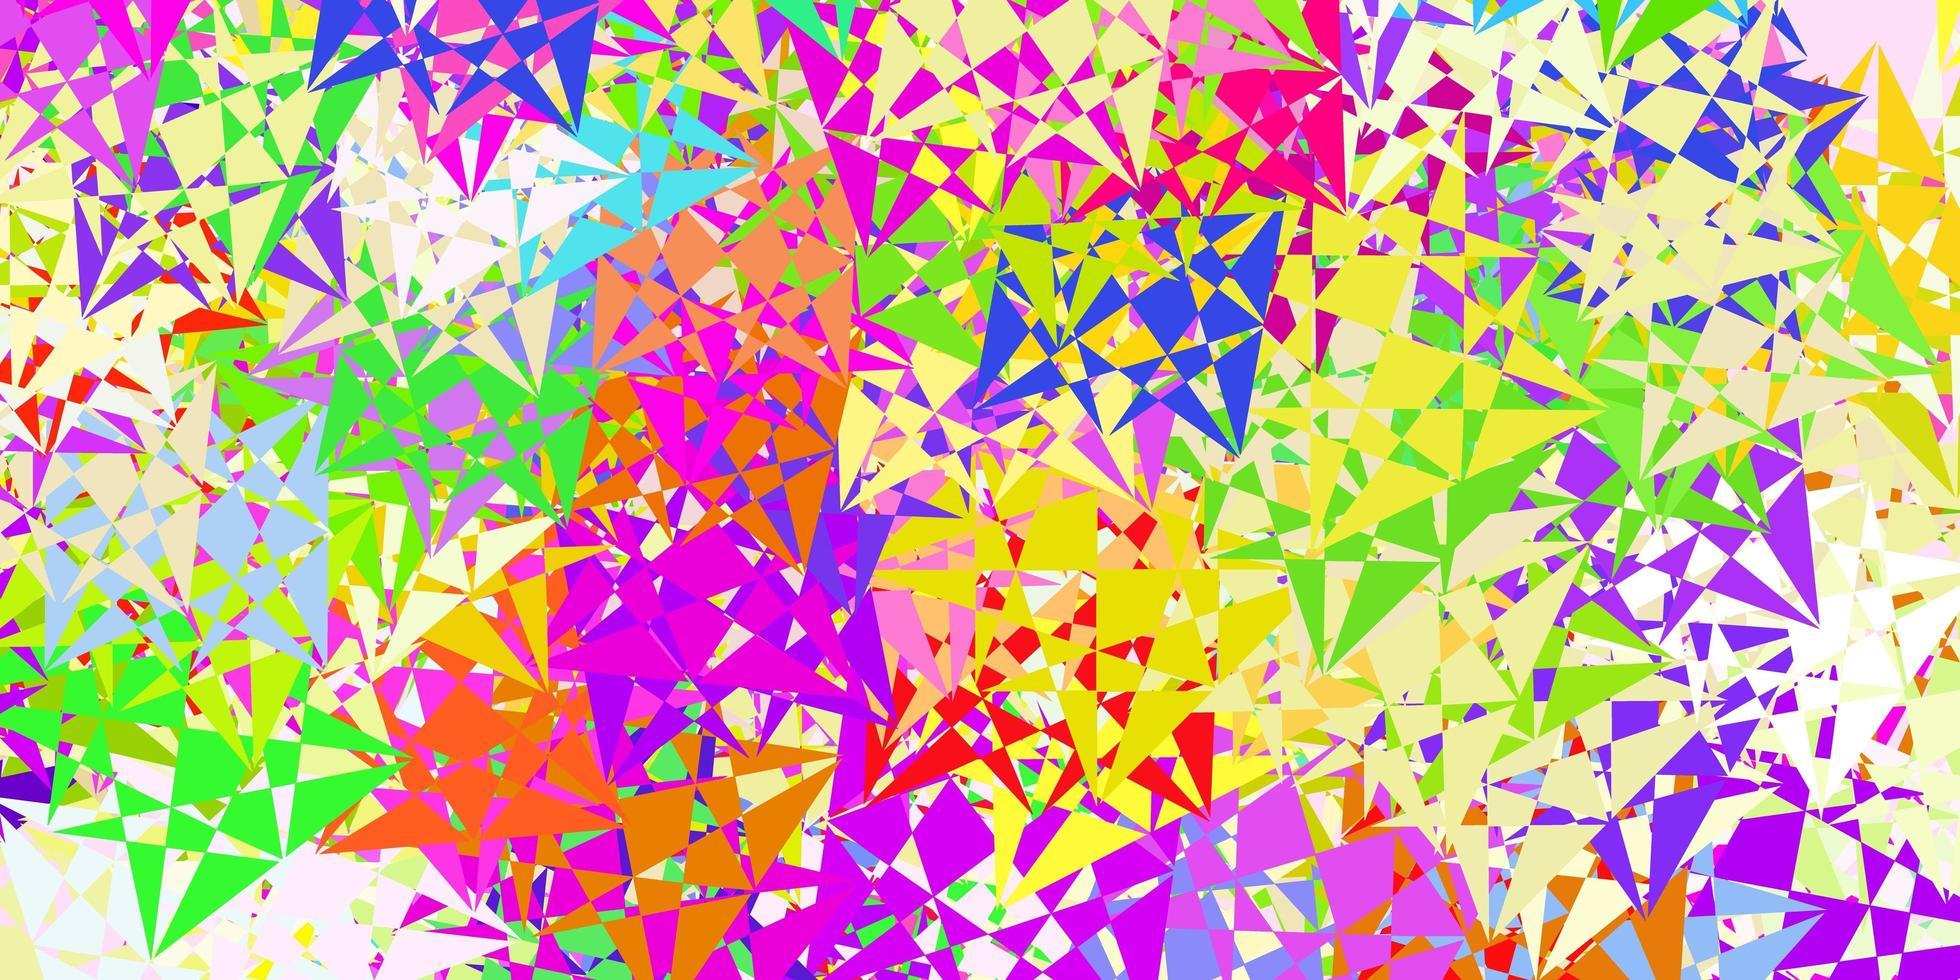 layout vettoriale multicolore chiaro con forme triangolari.